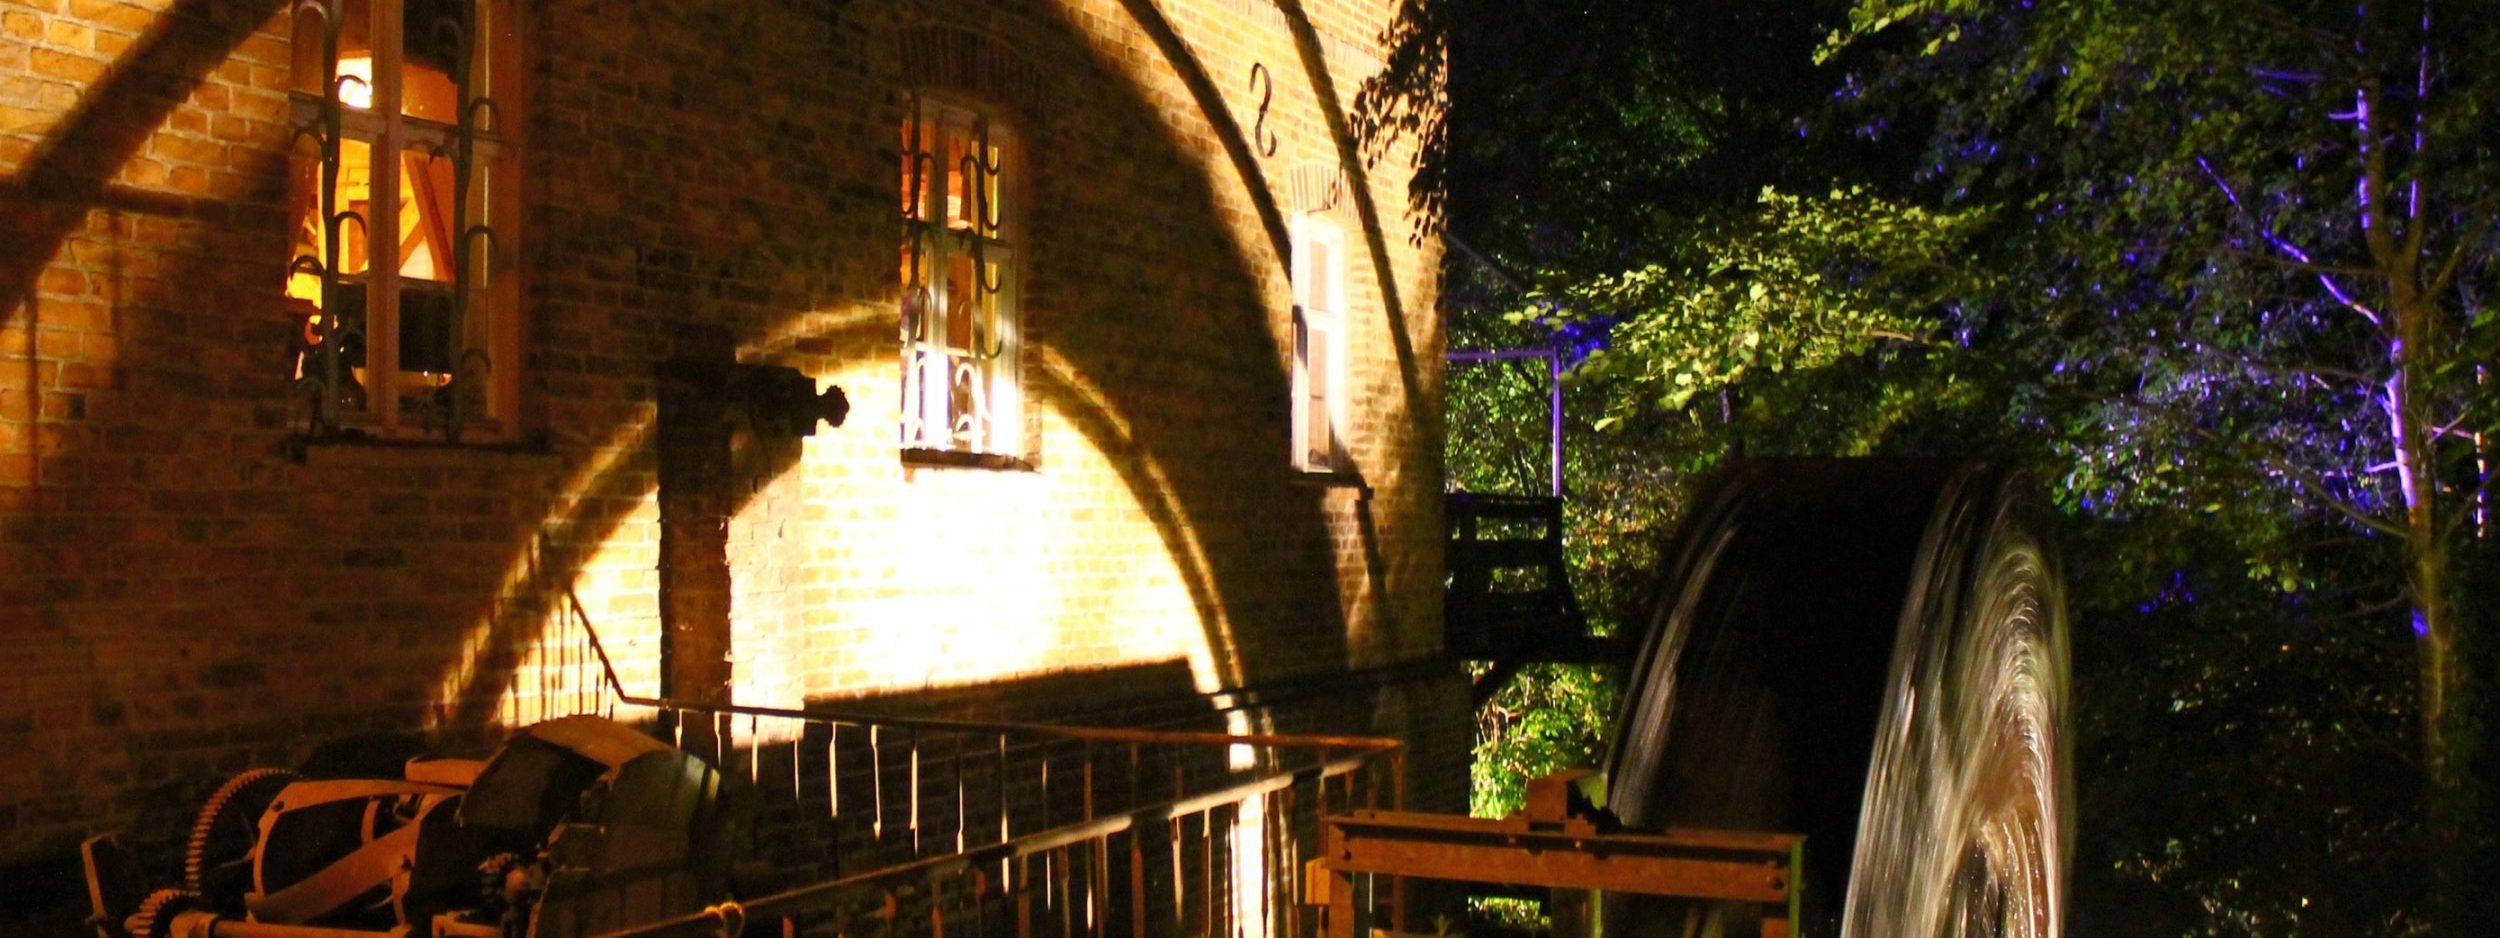 Wassermühle Gollmitz Wasserrad